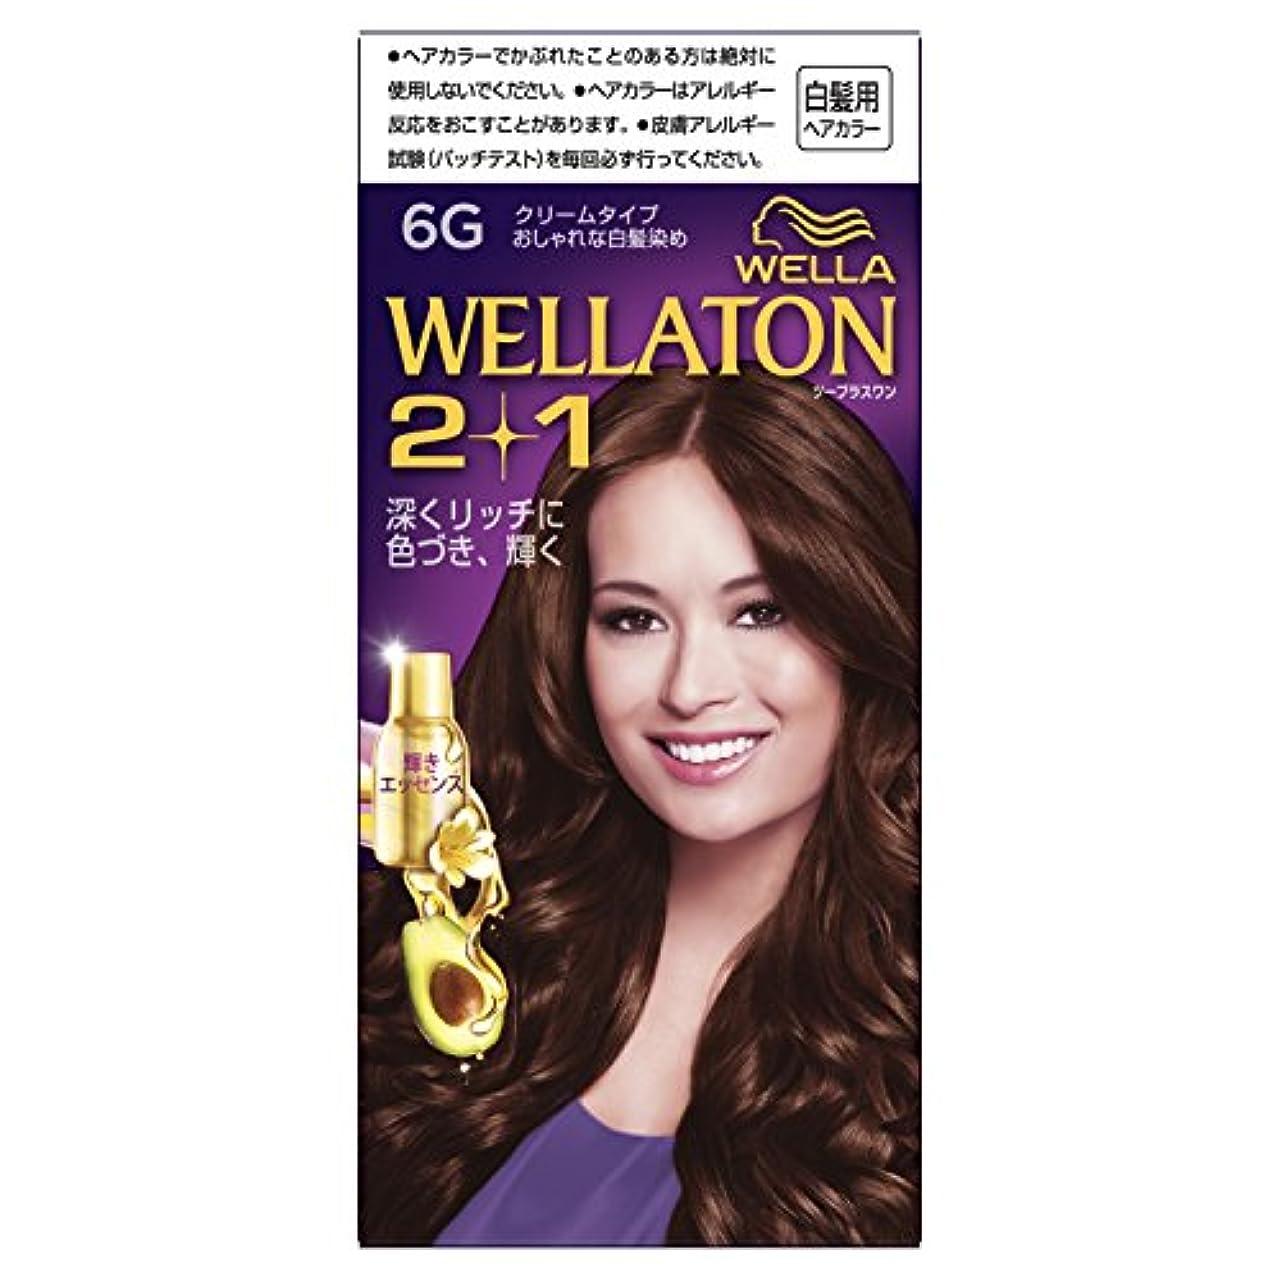 収入選出するラフトウエラトーン2+1 クリームタイプ 6G [医薬部外品](おしゃれな白髪染め)